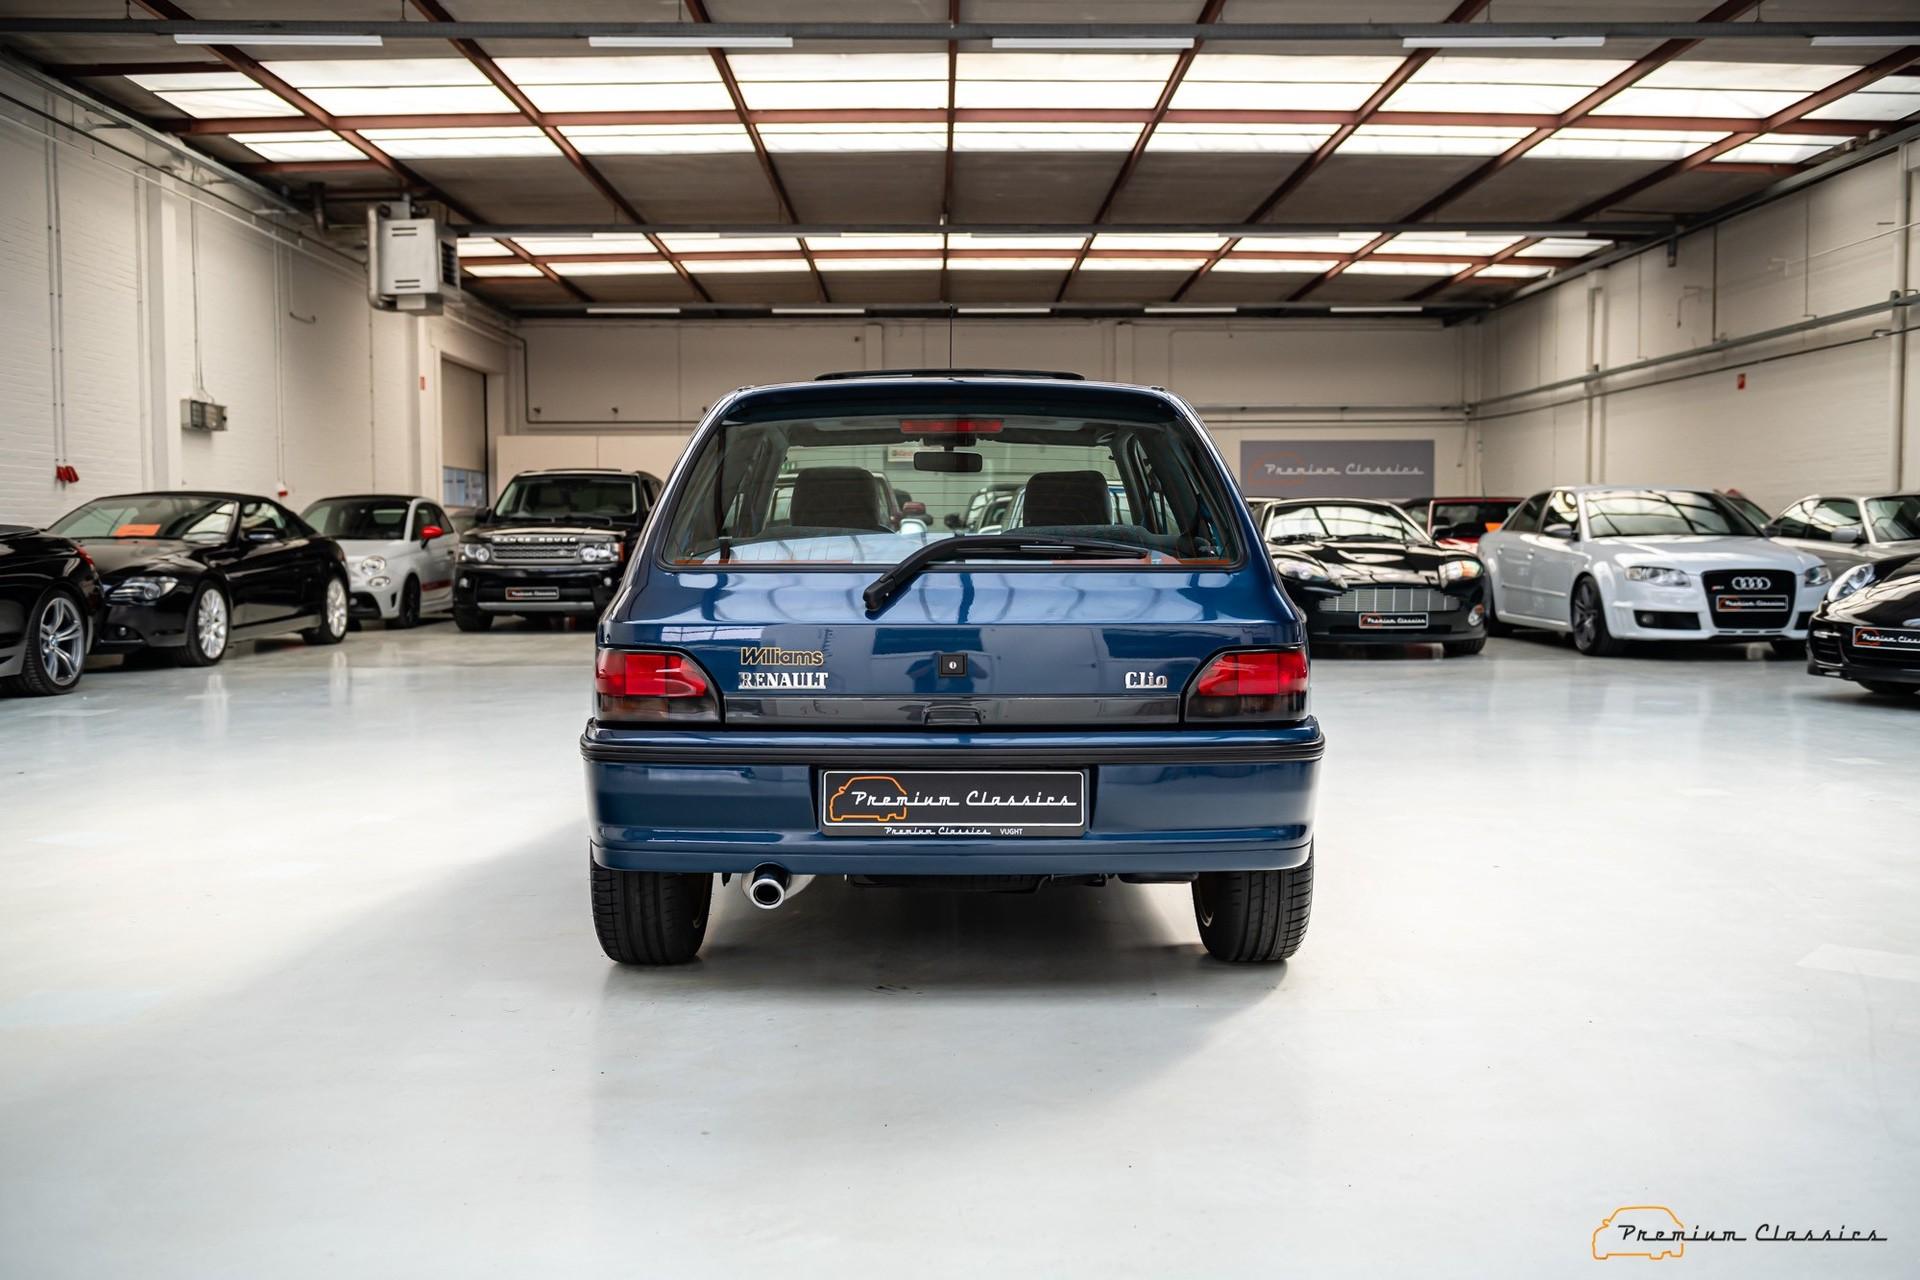 Renault_Clio_Williams_sale-0008